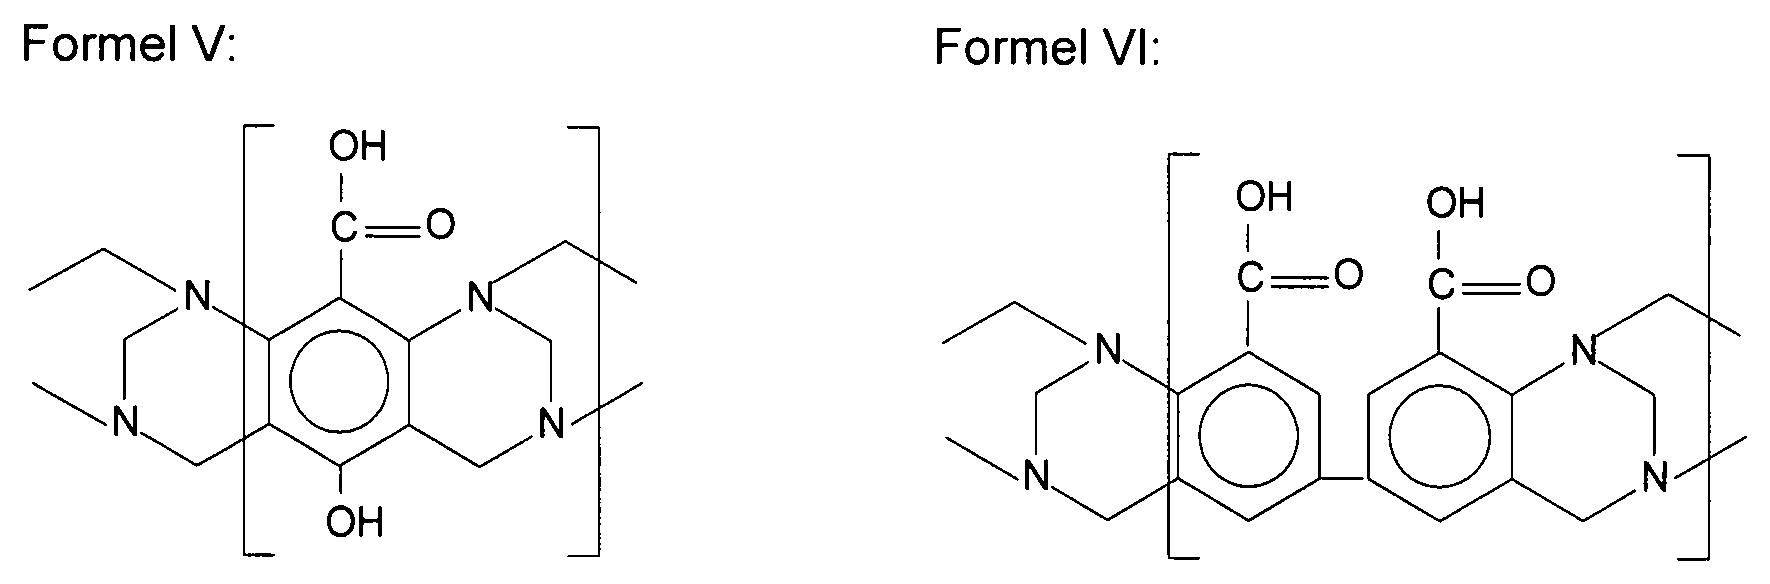 Figure DE112016005378T5_0010